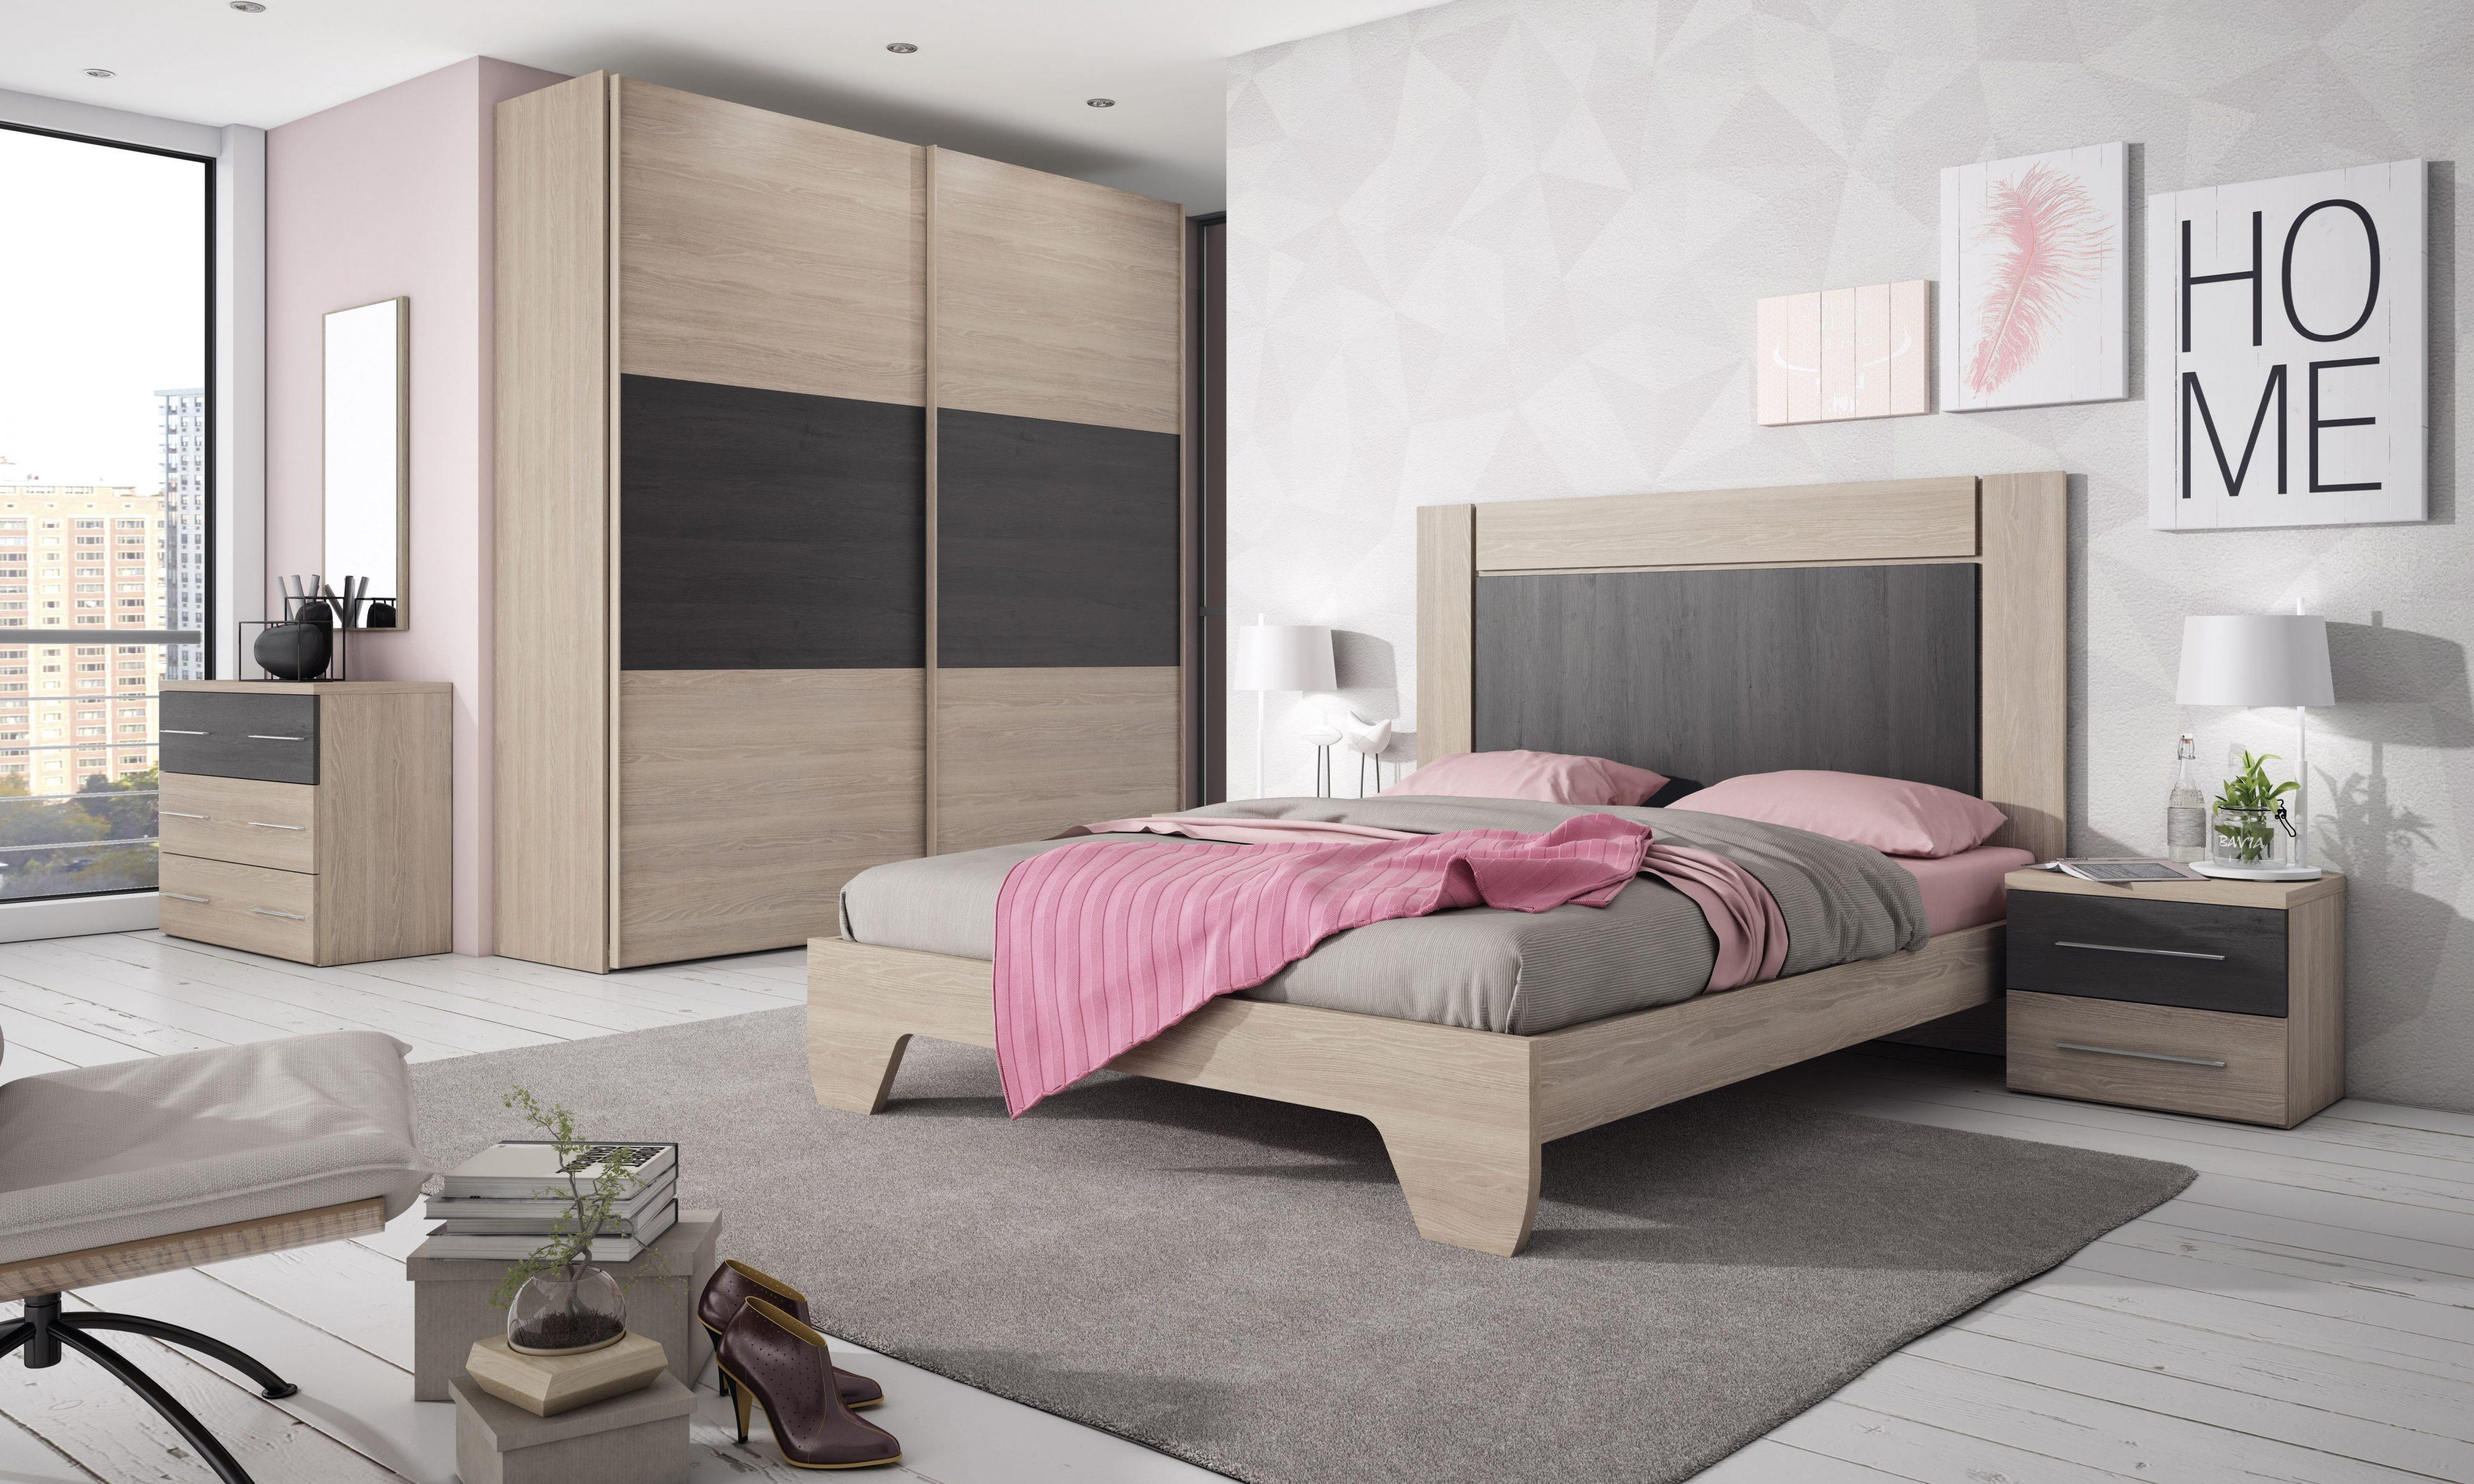 Dormitorio matrimonio en roble natural y ceniza, con diversas opciones y acabados.